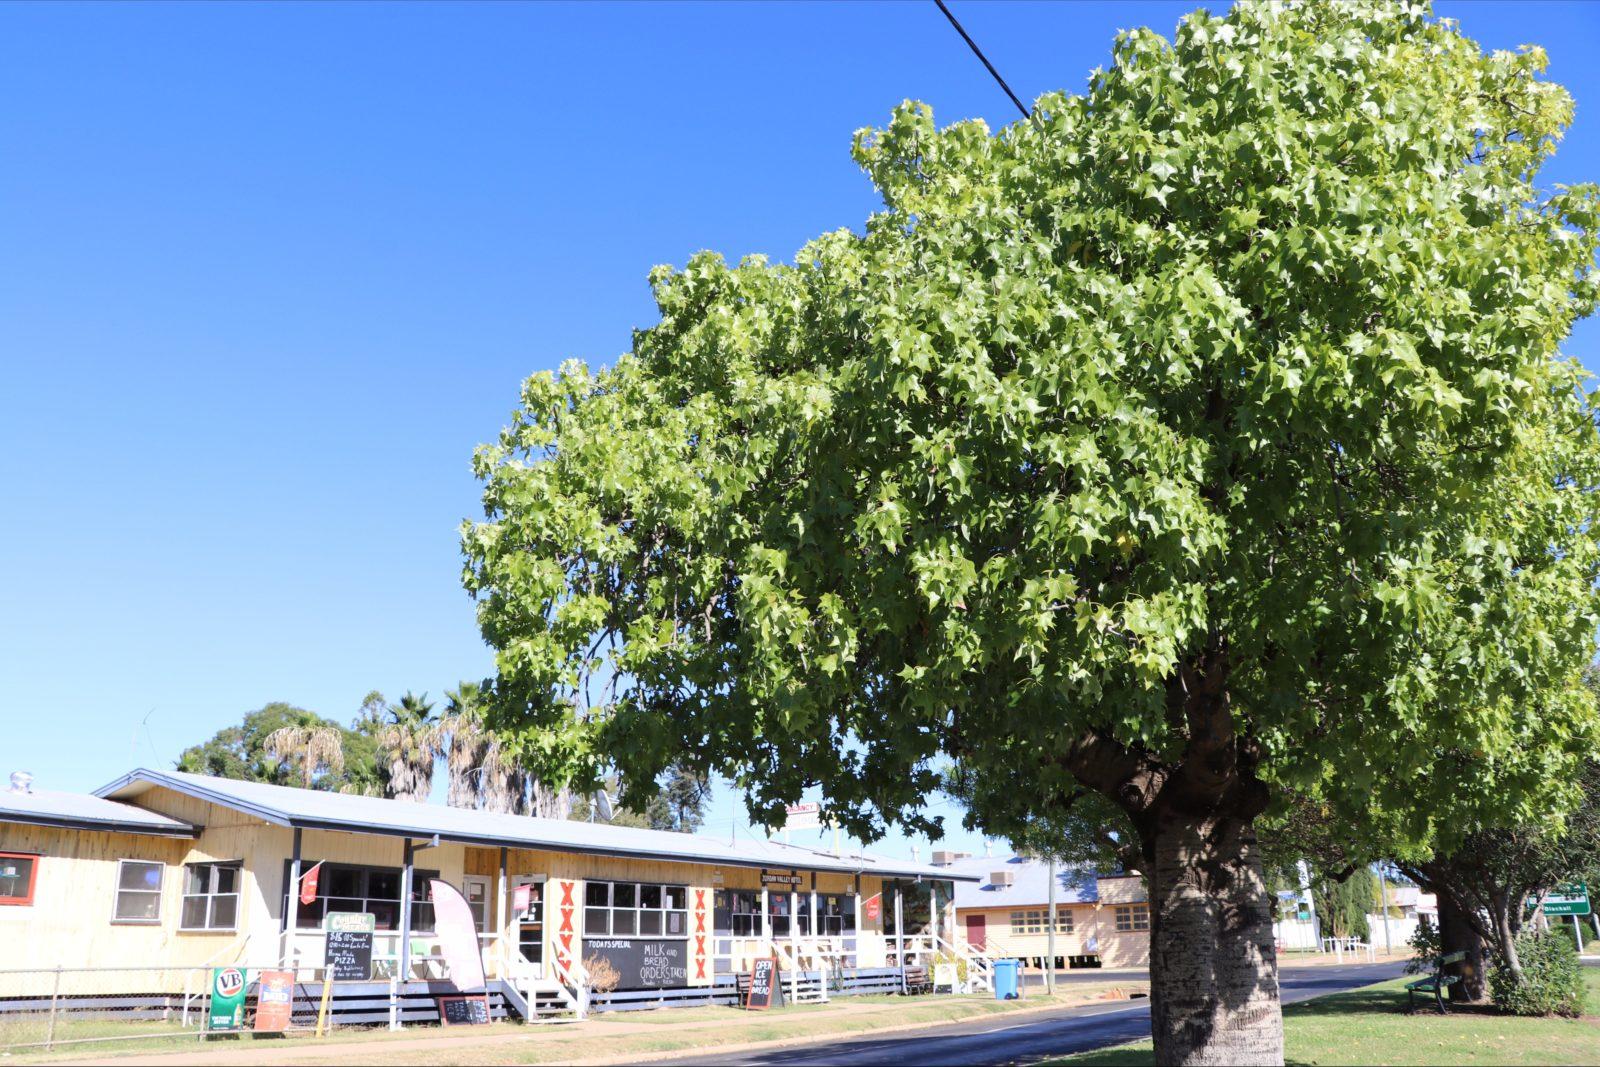 Jericho Main Street